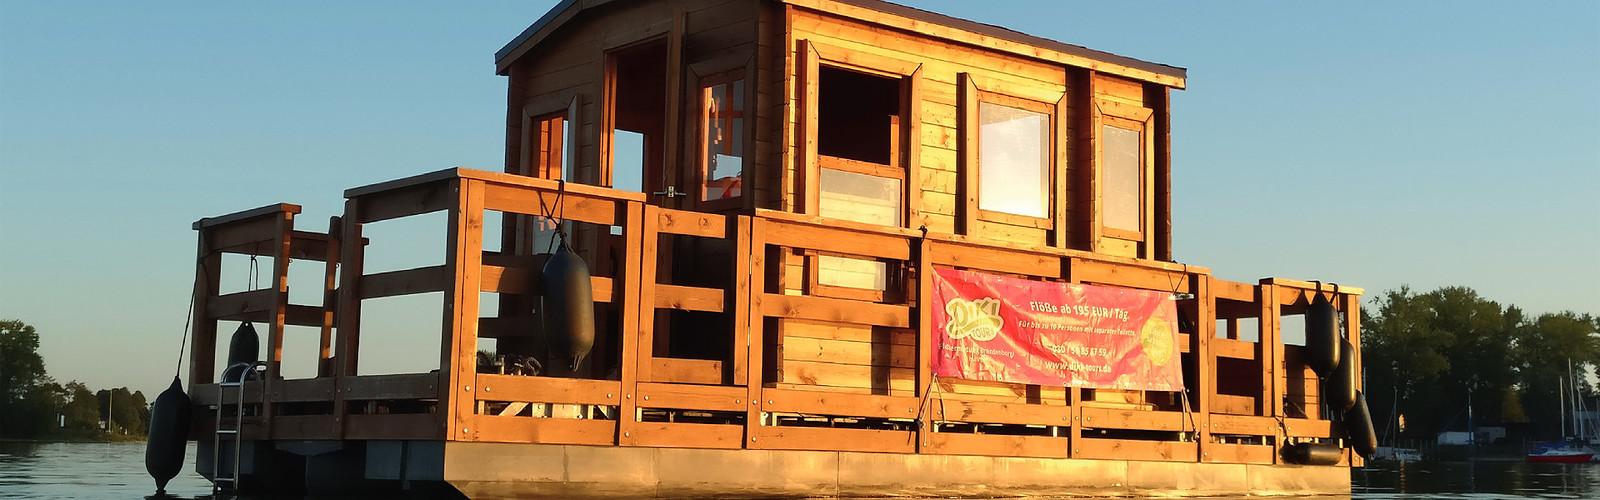 Diki Floß Typ 4 - Sonnenuntergang (c) Diki Tours GmbH Sandra Robinson